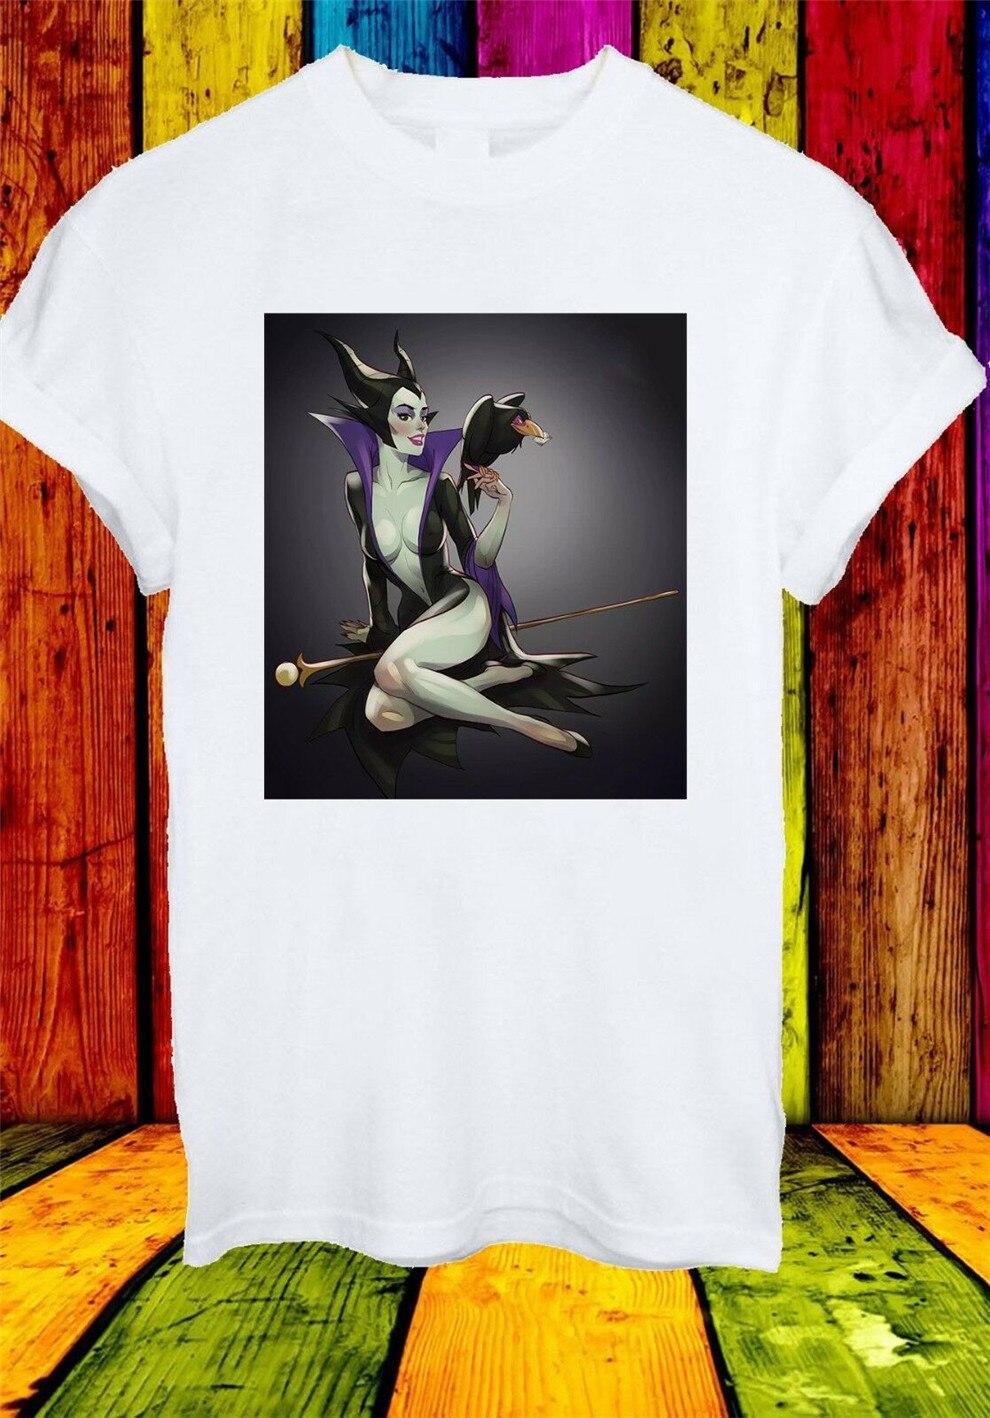 Maléfica Aurora El Príncipe Philip Diaval cetro película hombres mujeres camiseta Unisex 458 desgaste al aire libre camisa